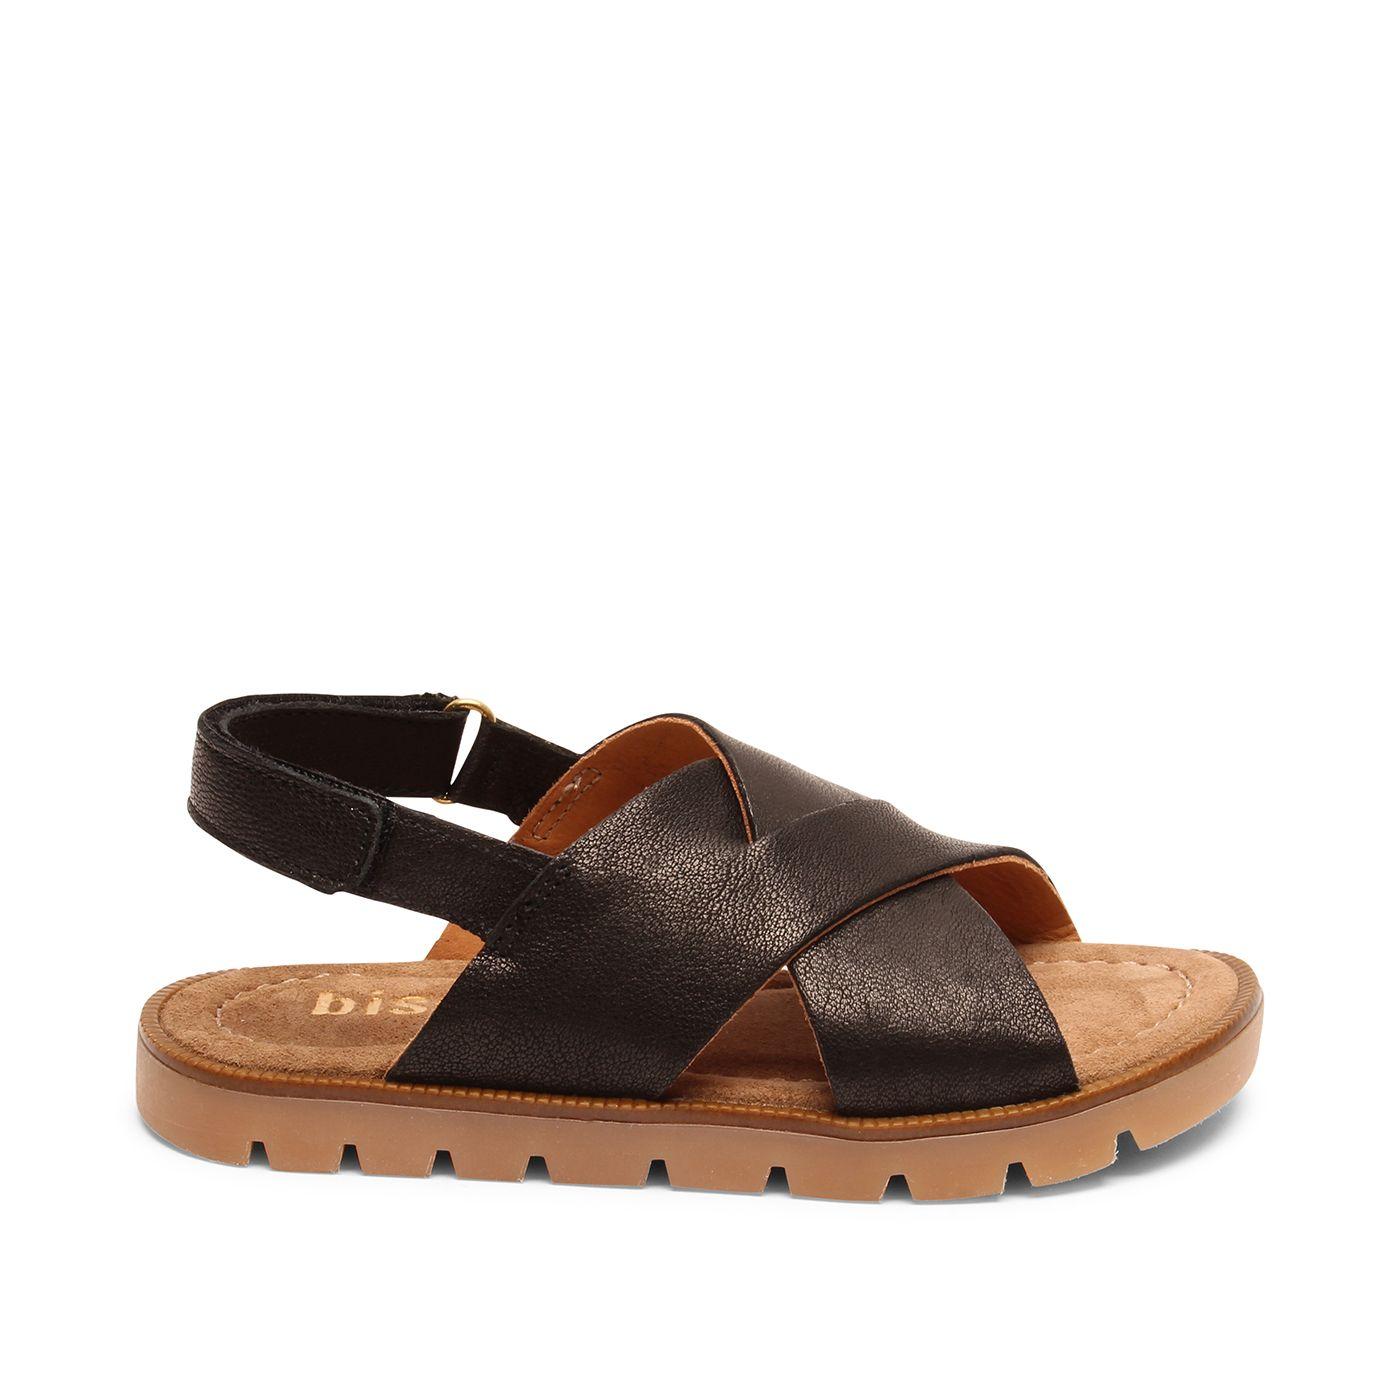 Bisgaard dětské kožené sandály 71939 - 1022